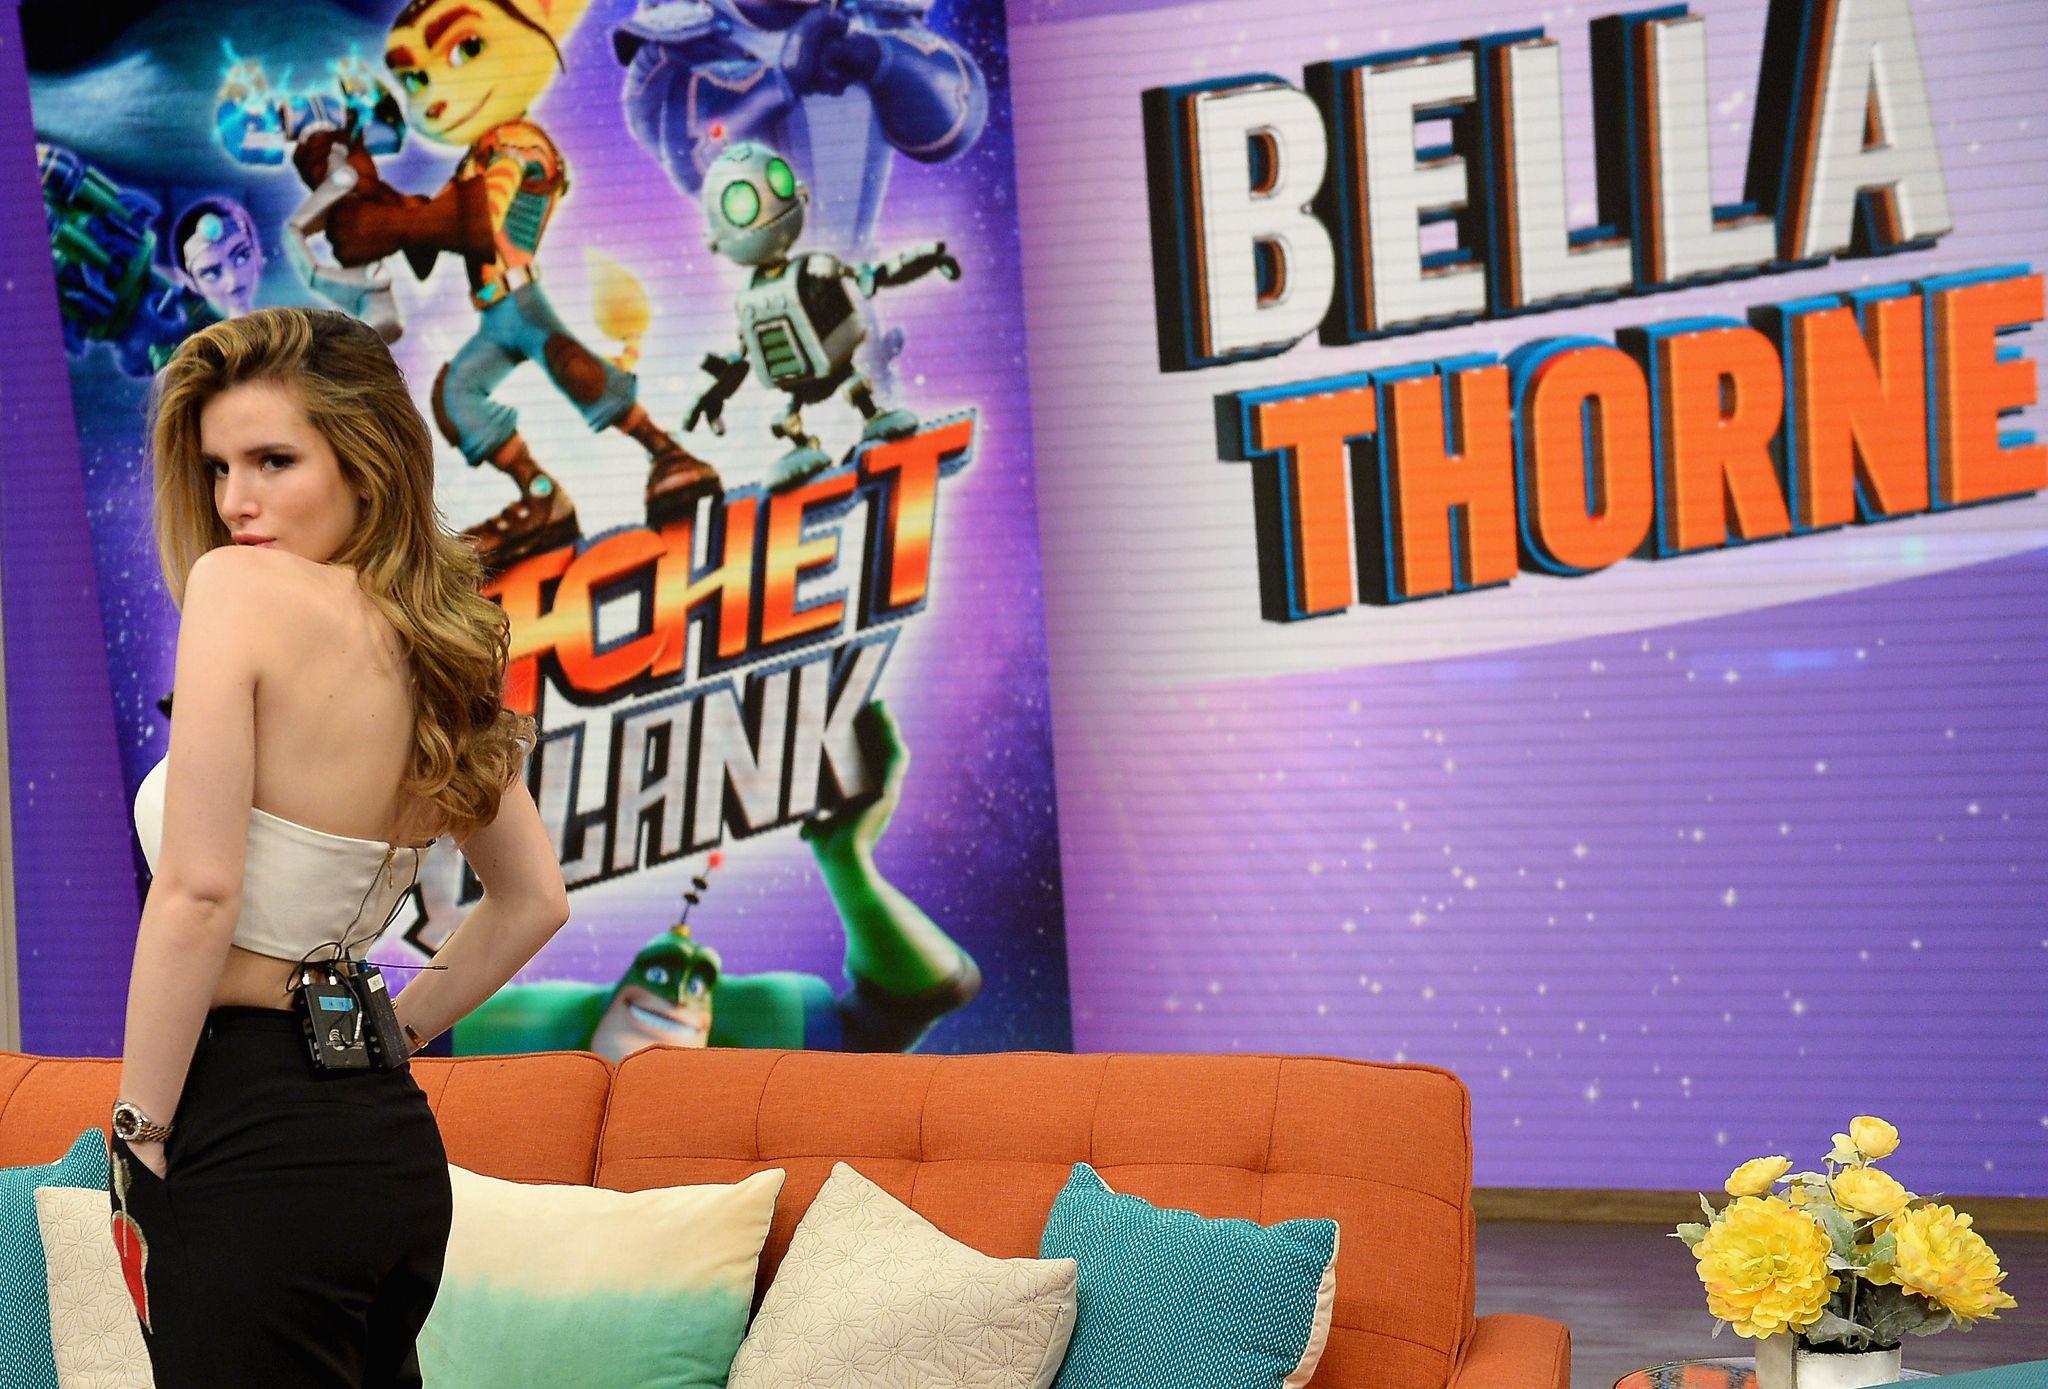 Bella Thorne at Univision's 'Despierta America' in Miami 4/7/16